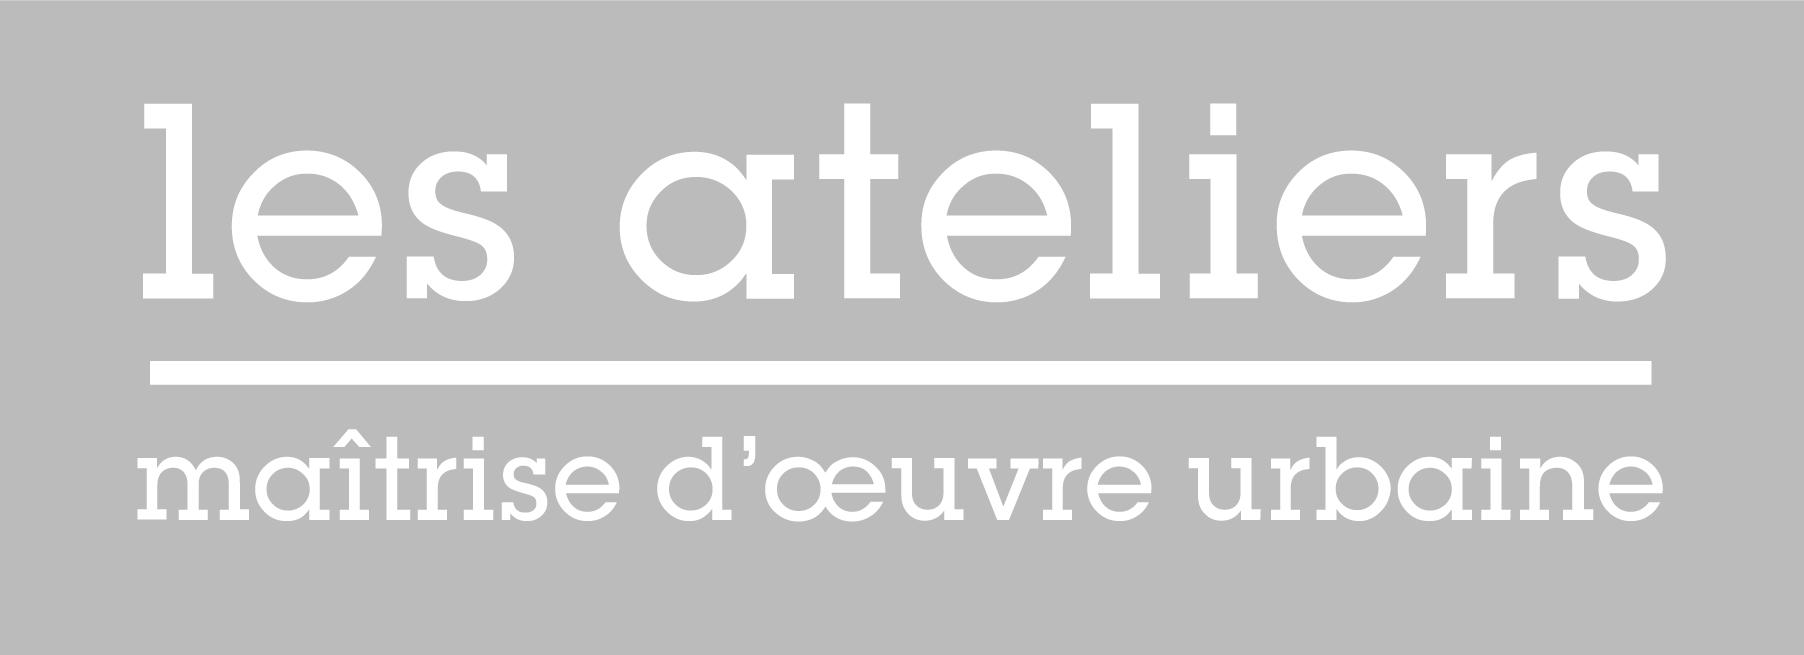 les-ateliers-de-maitrise-dœuvre-urbaine.png